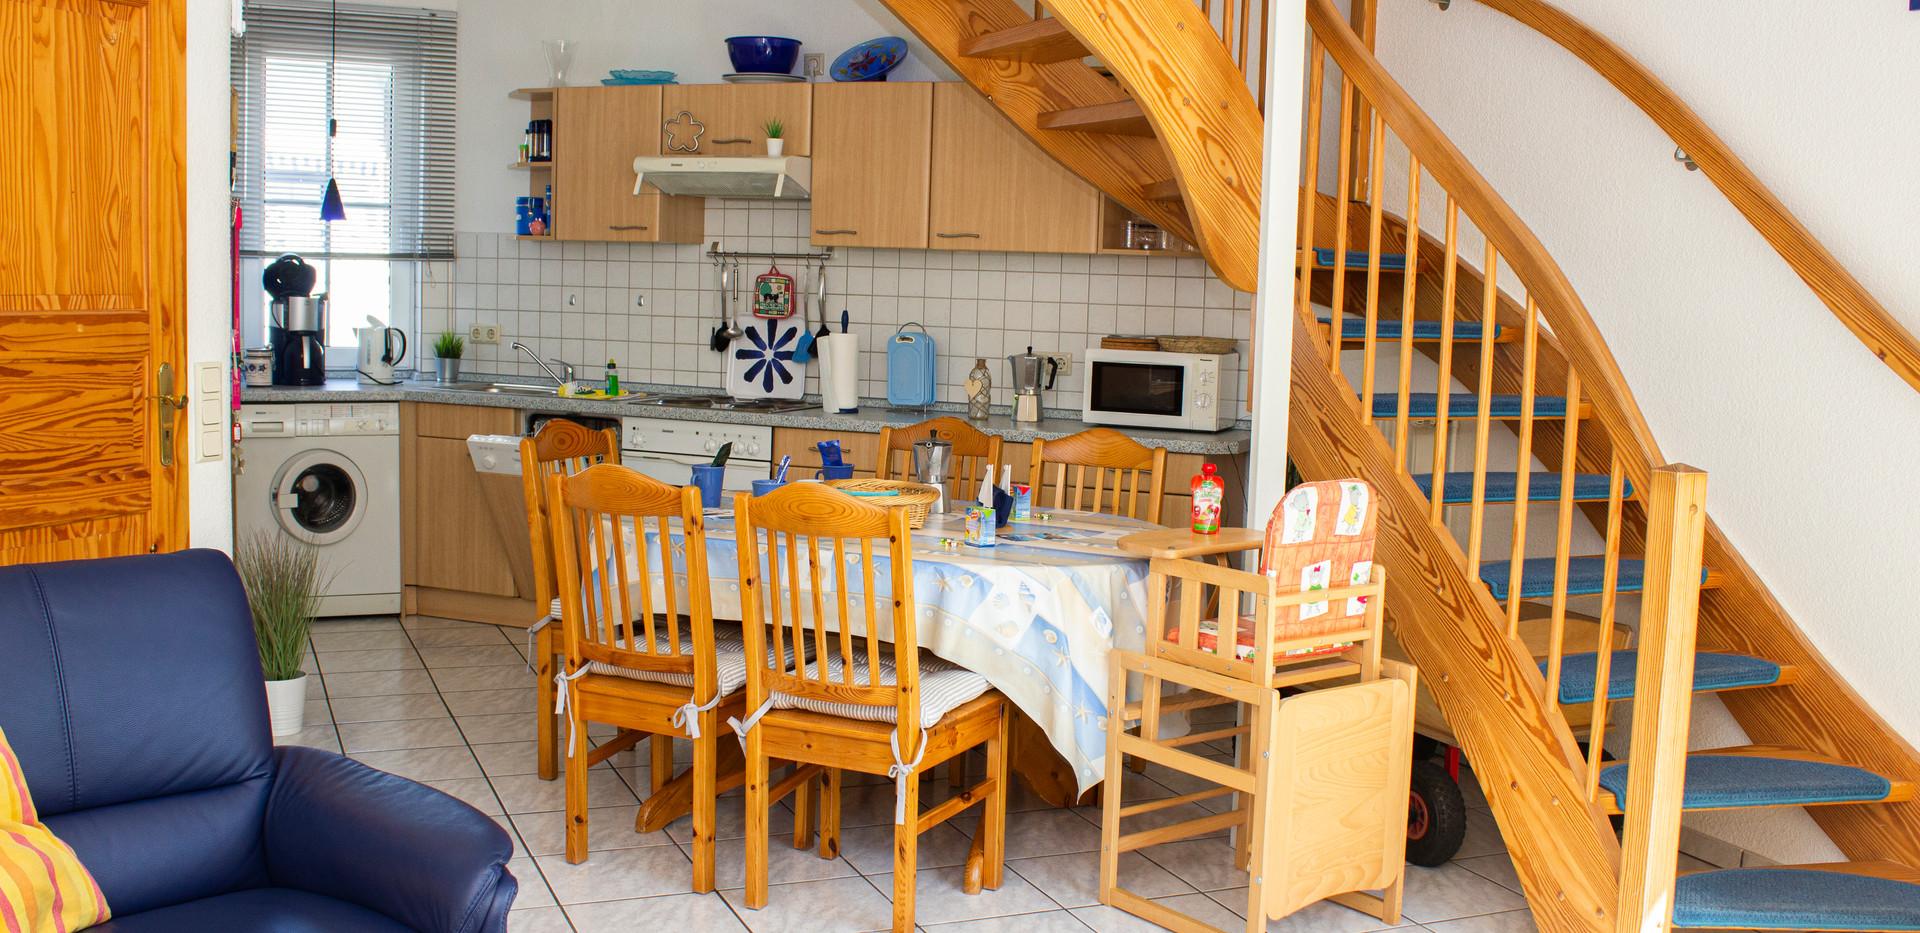 Wohn-/Essbereich & Küche - unten